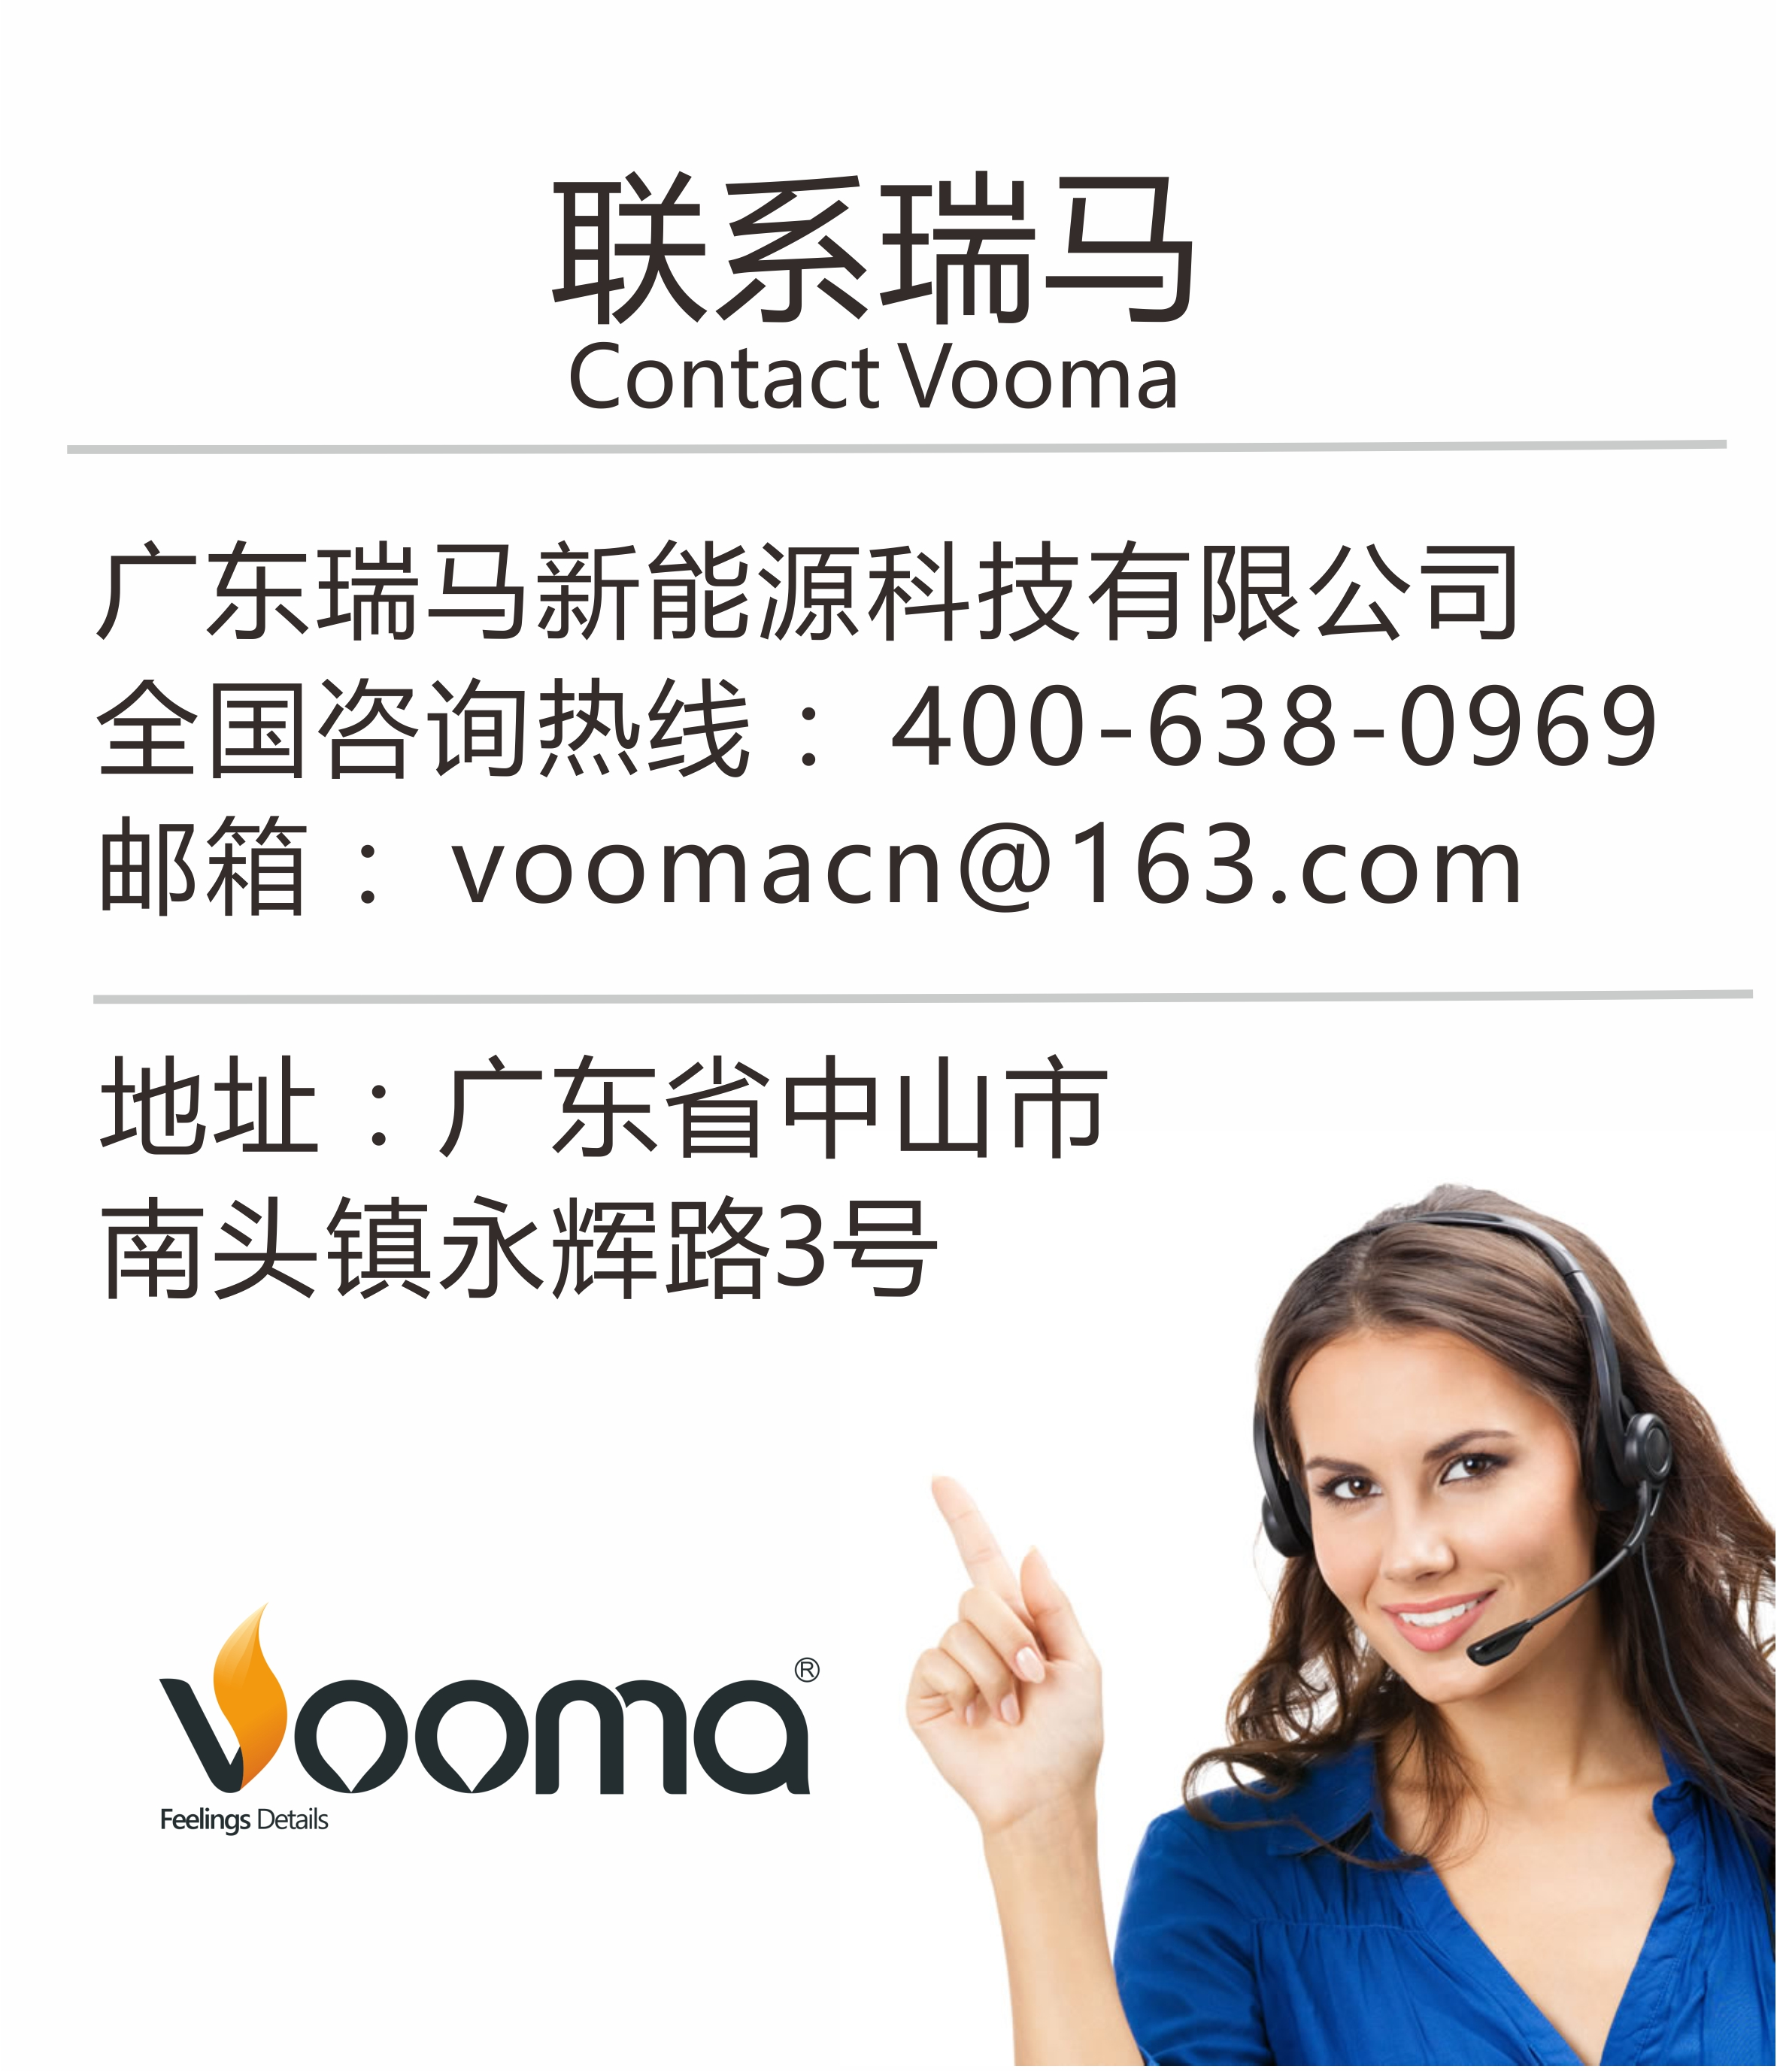 亚英体育官网登录燃气锅炉厂家电话400-638-0969